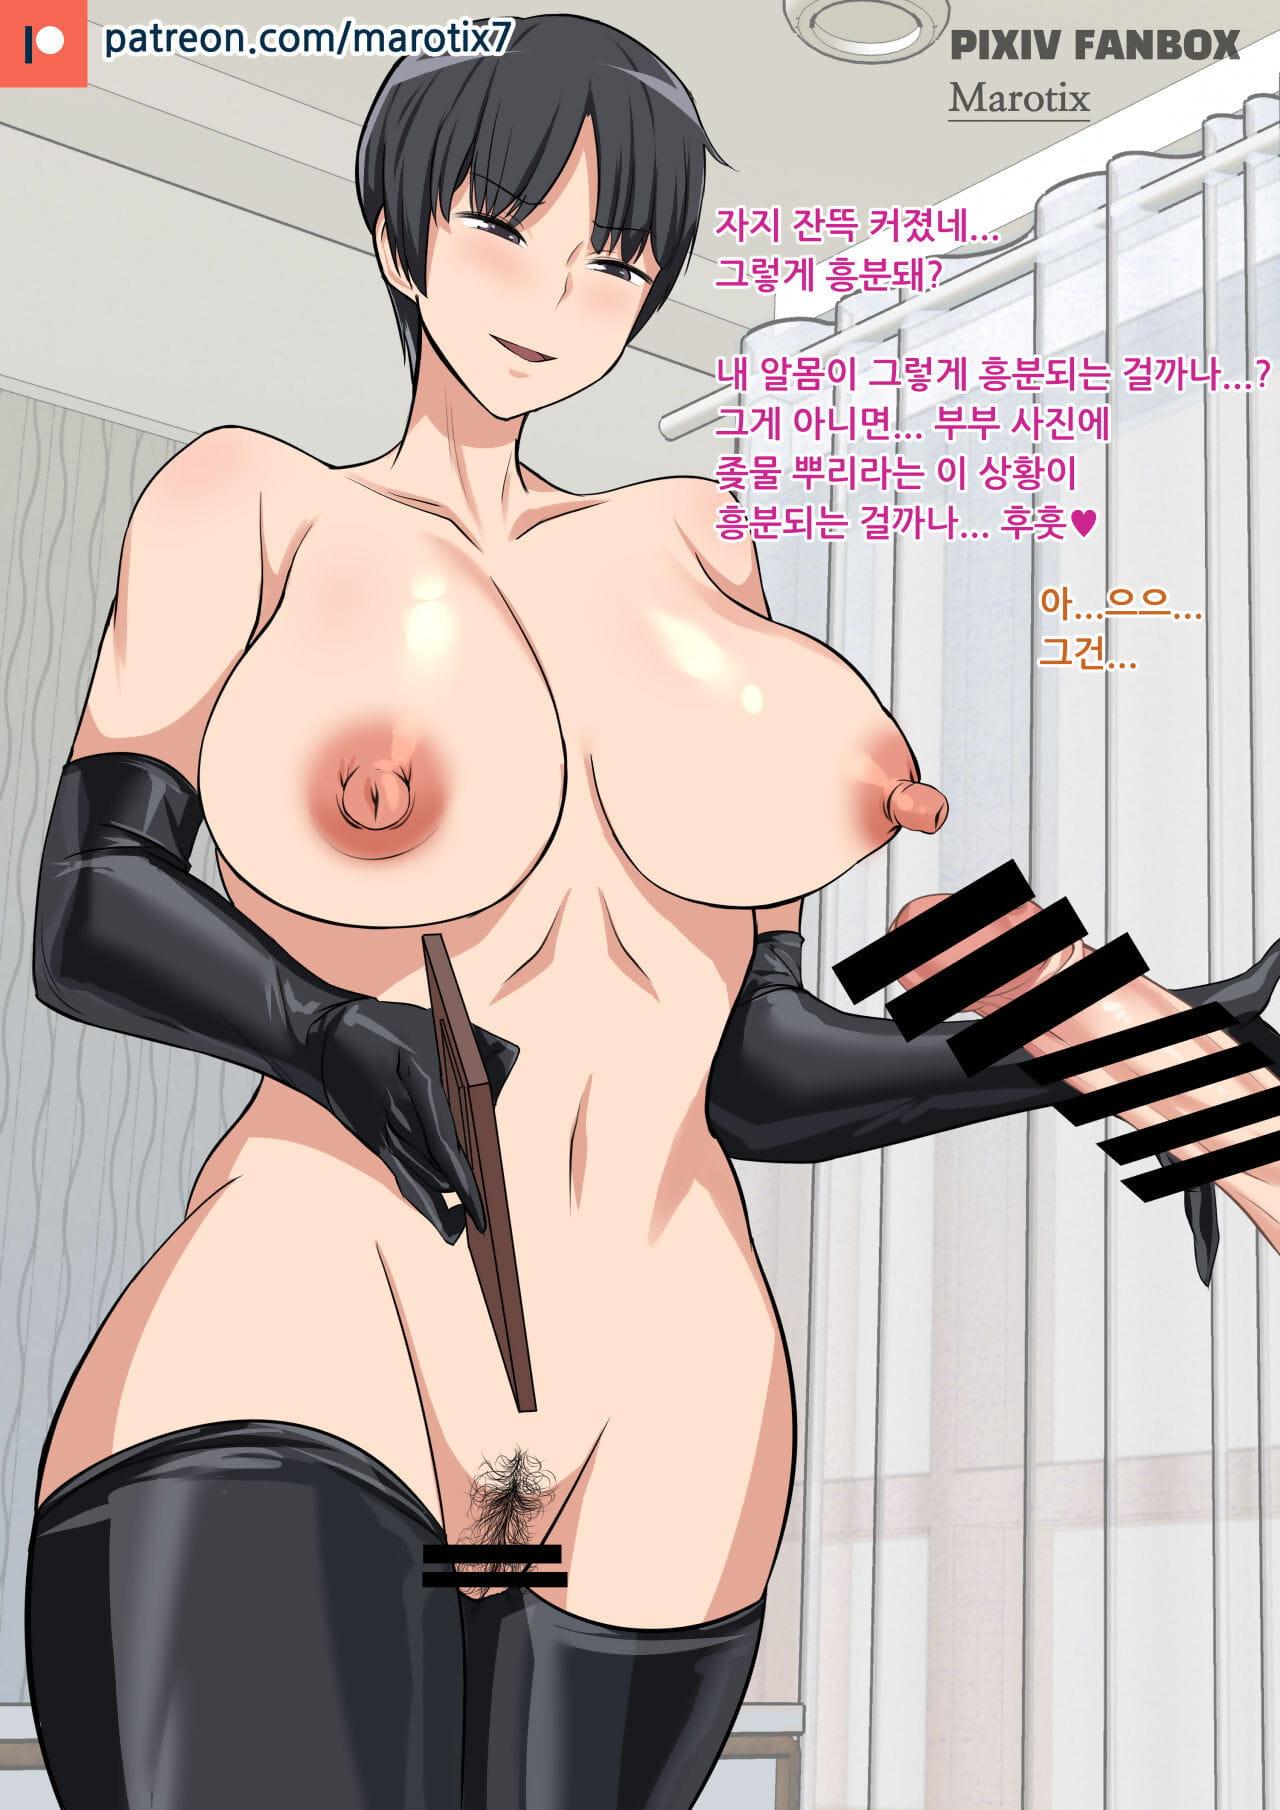 Porn trap trap